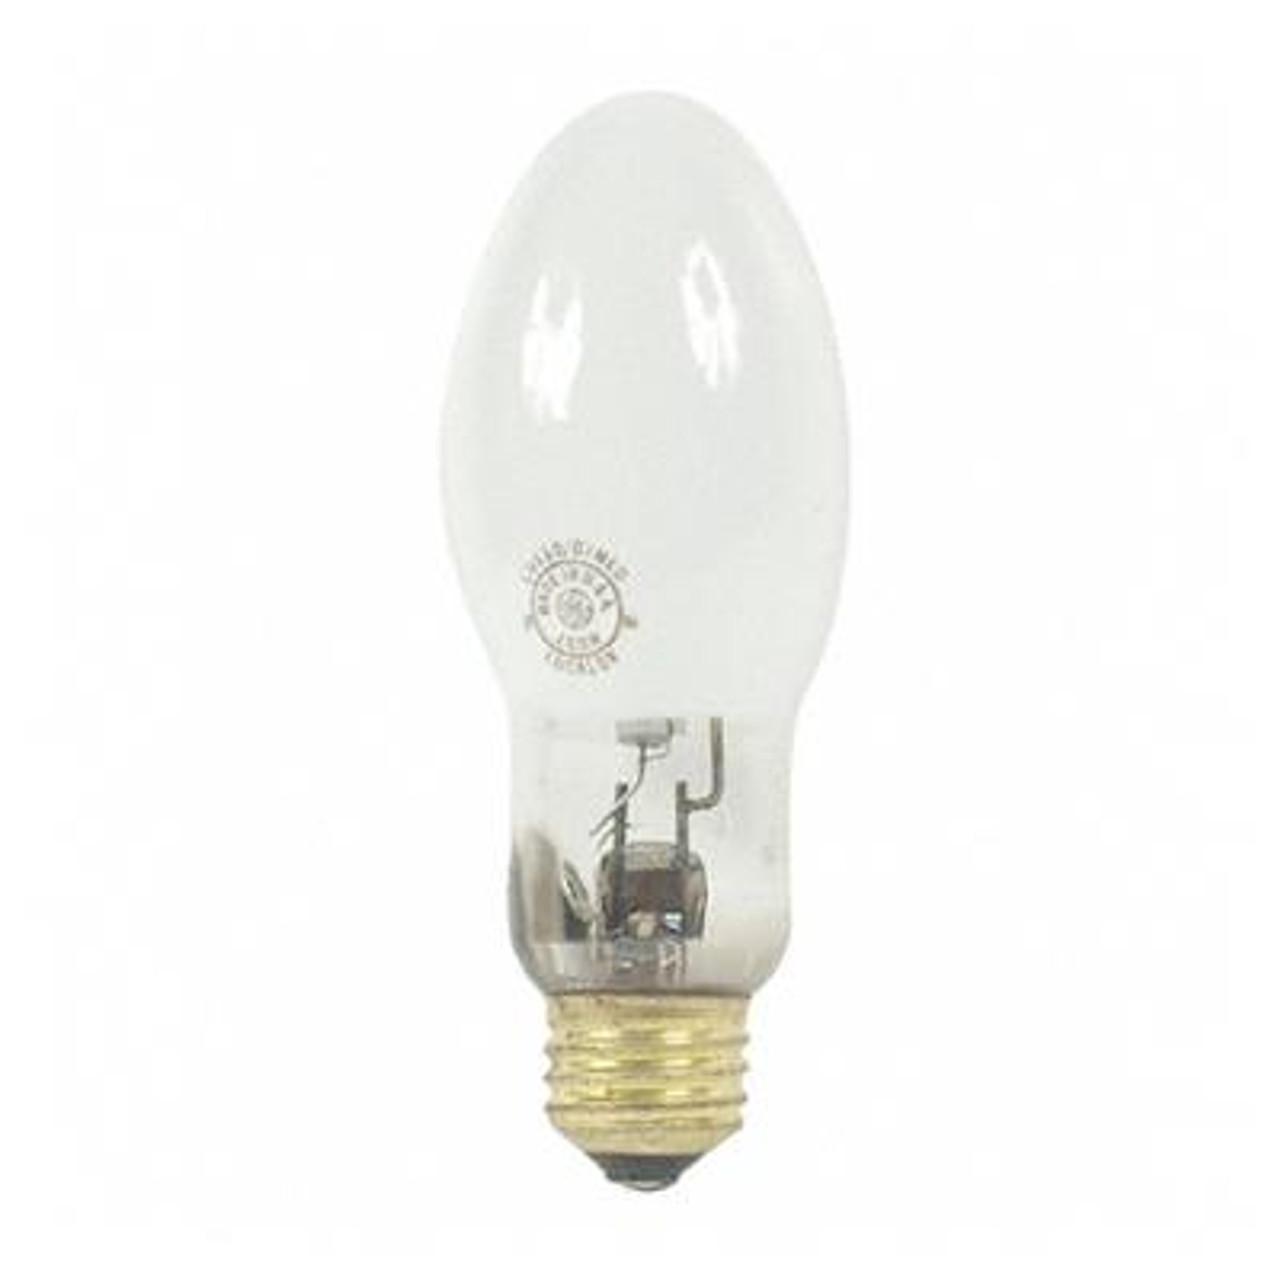 Lot of 4 GE LU150 Lucalox Lamp Light Bulb 150-Watt Clear High Pressure Sodium